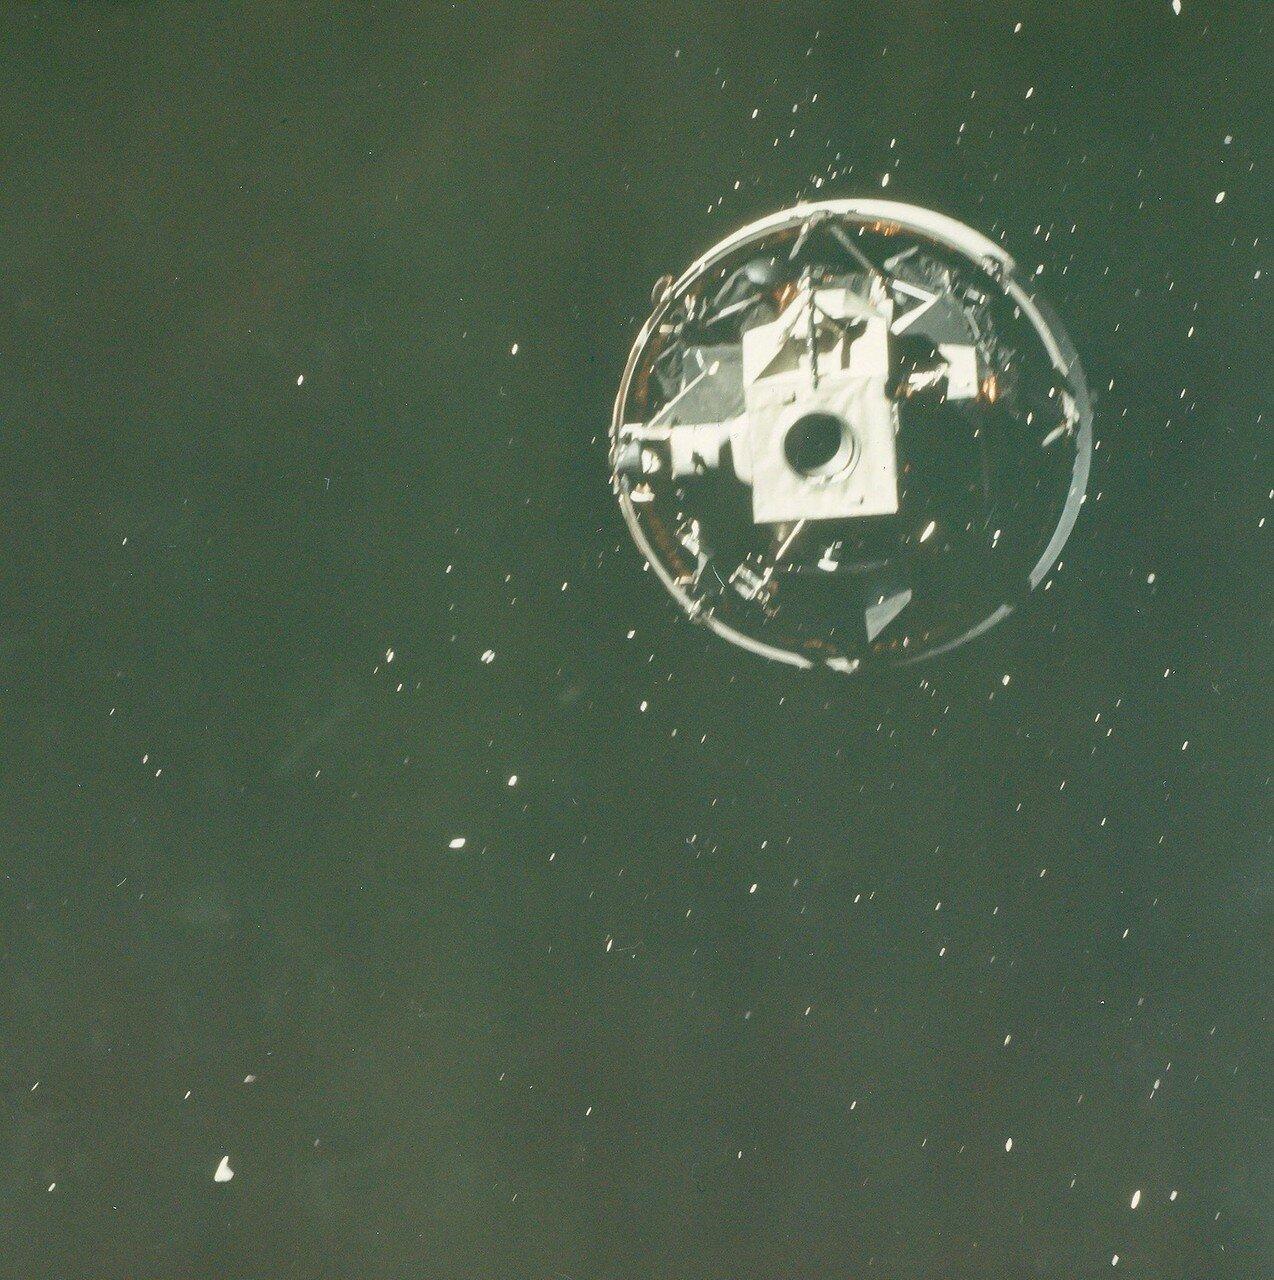 Утром пятого дня Янг и Дьюк перешли в лунный модуль и начали готовить его к отстыковке и посадке. На снимке: ЛМ перед отделением